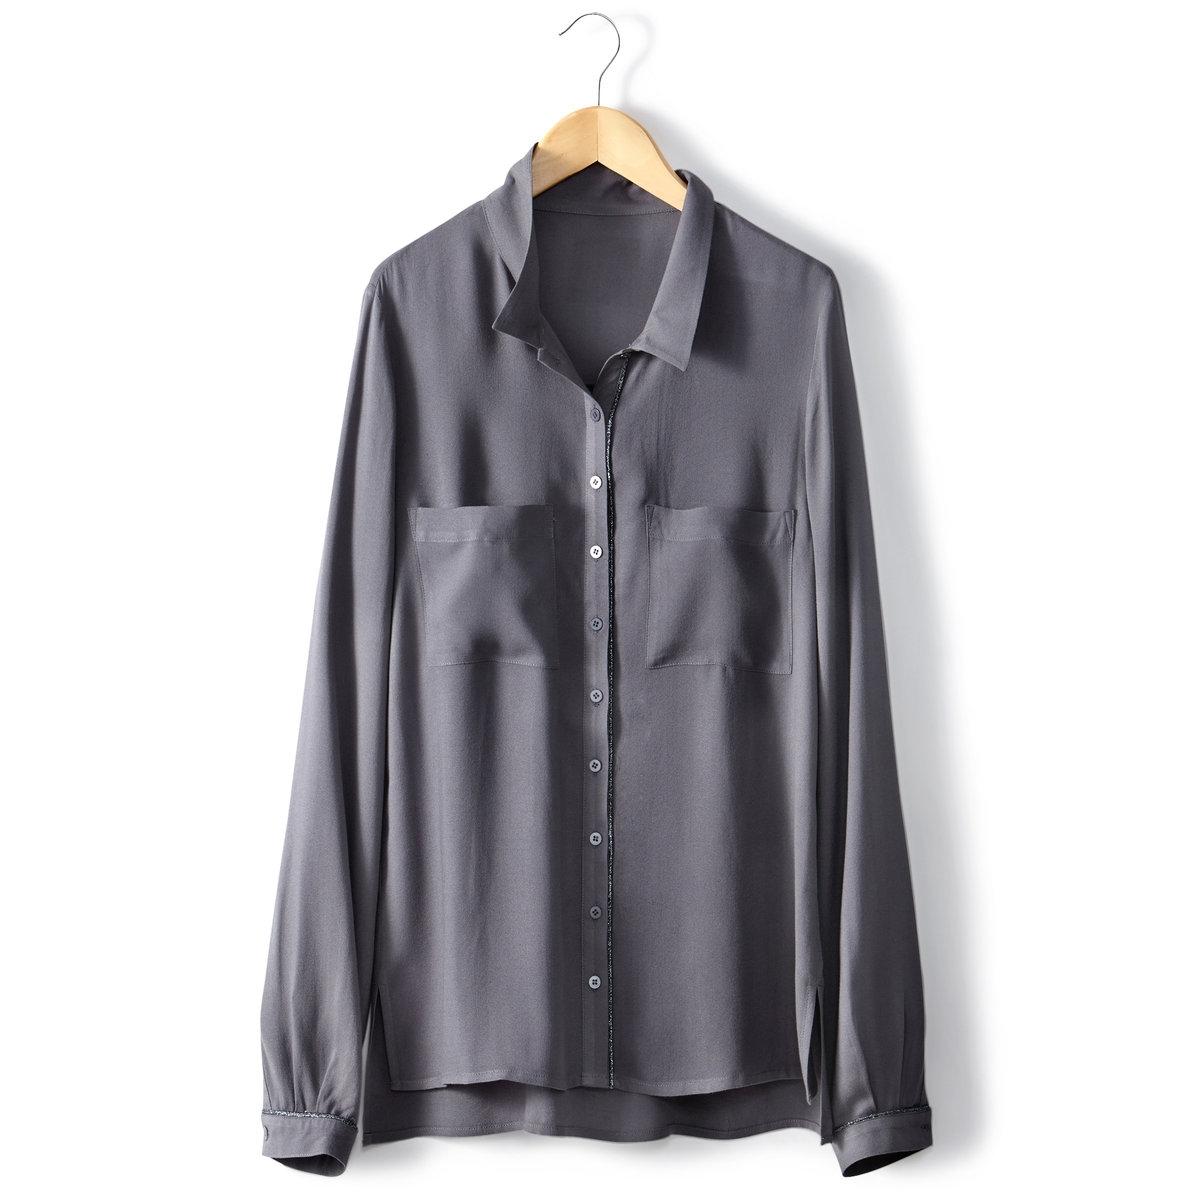 Блузка с рубашечным воротникомБлузка с рубашечным воротником, 100% вискозы. Длинные рукава. Нагрудные карманы.  Планка застежки на пуговицы. Отделка бейкой из металлизированной нити. Длина 64 см.<br><br>Цвет: серый<br>Размер: 34 (FR) - 40 (RUS)